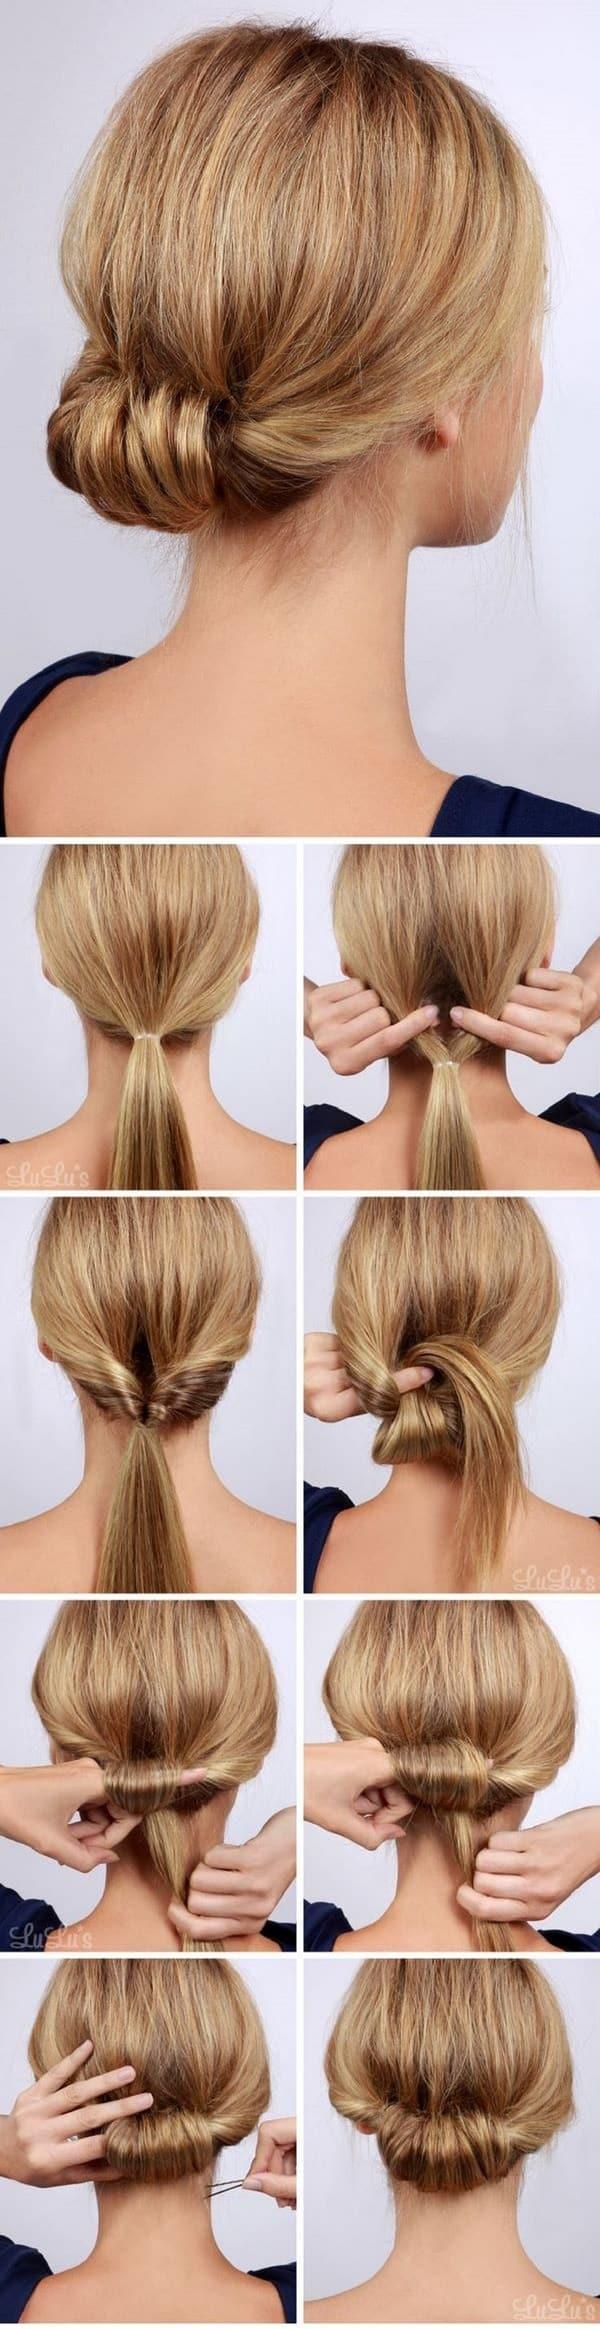 Tipos de chongos para cabello corto